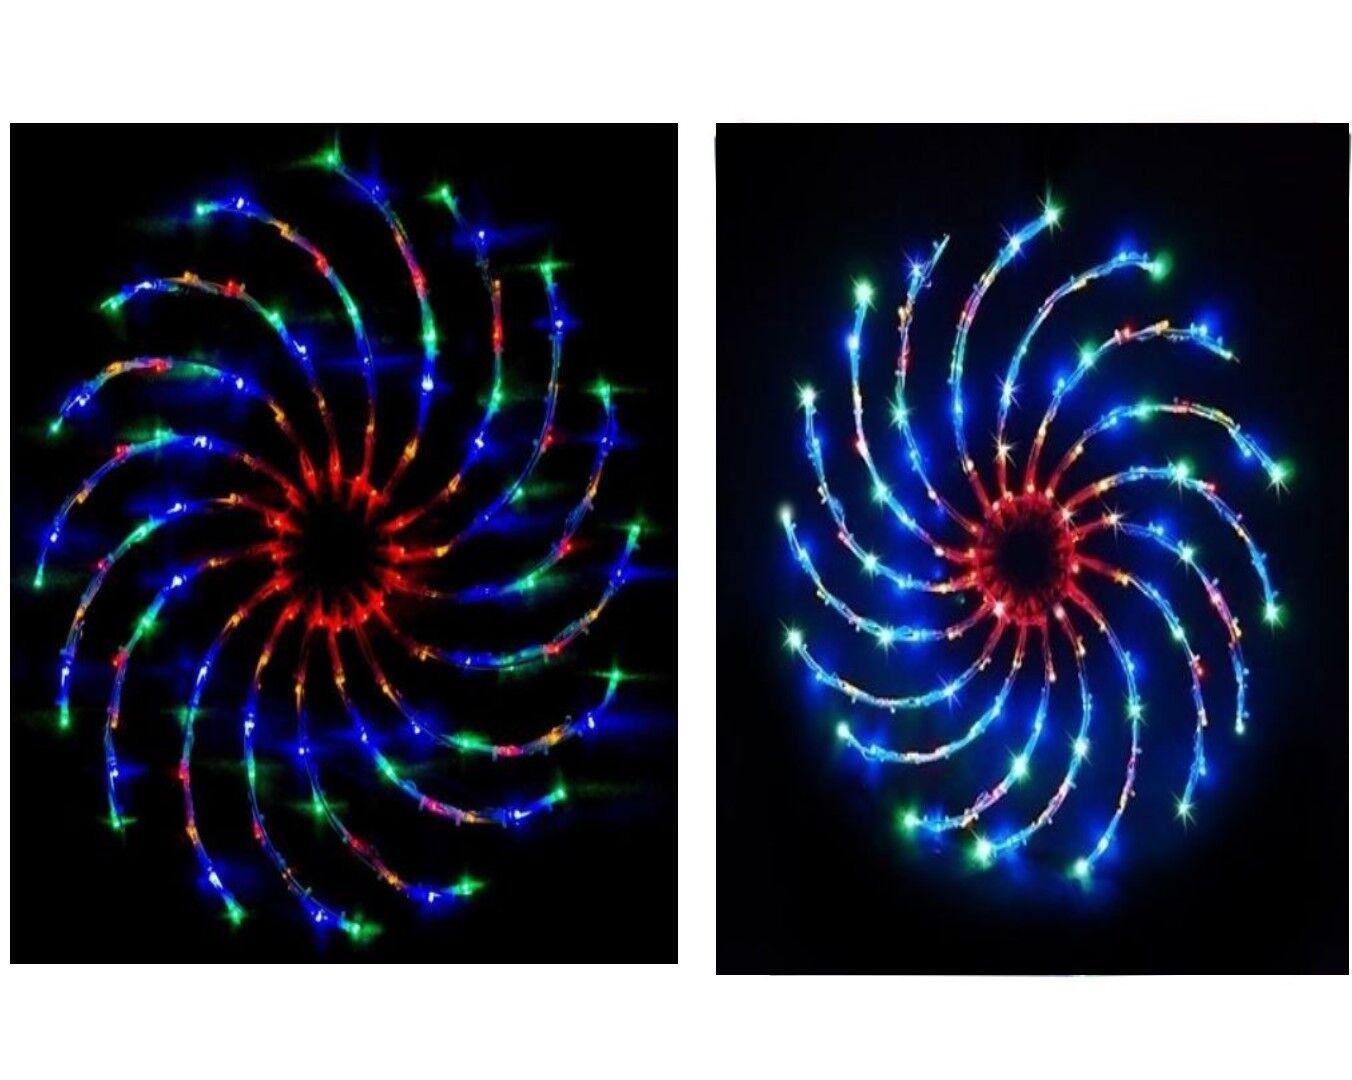 Nuevo 128 LED Luz de Hilandero De Navidad Navidad Decoración Interior Spinning espiral de múltiples